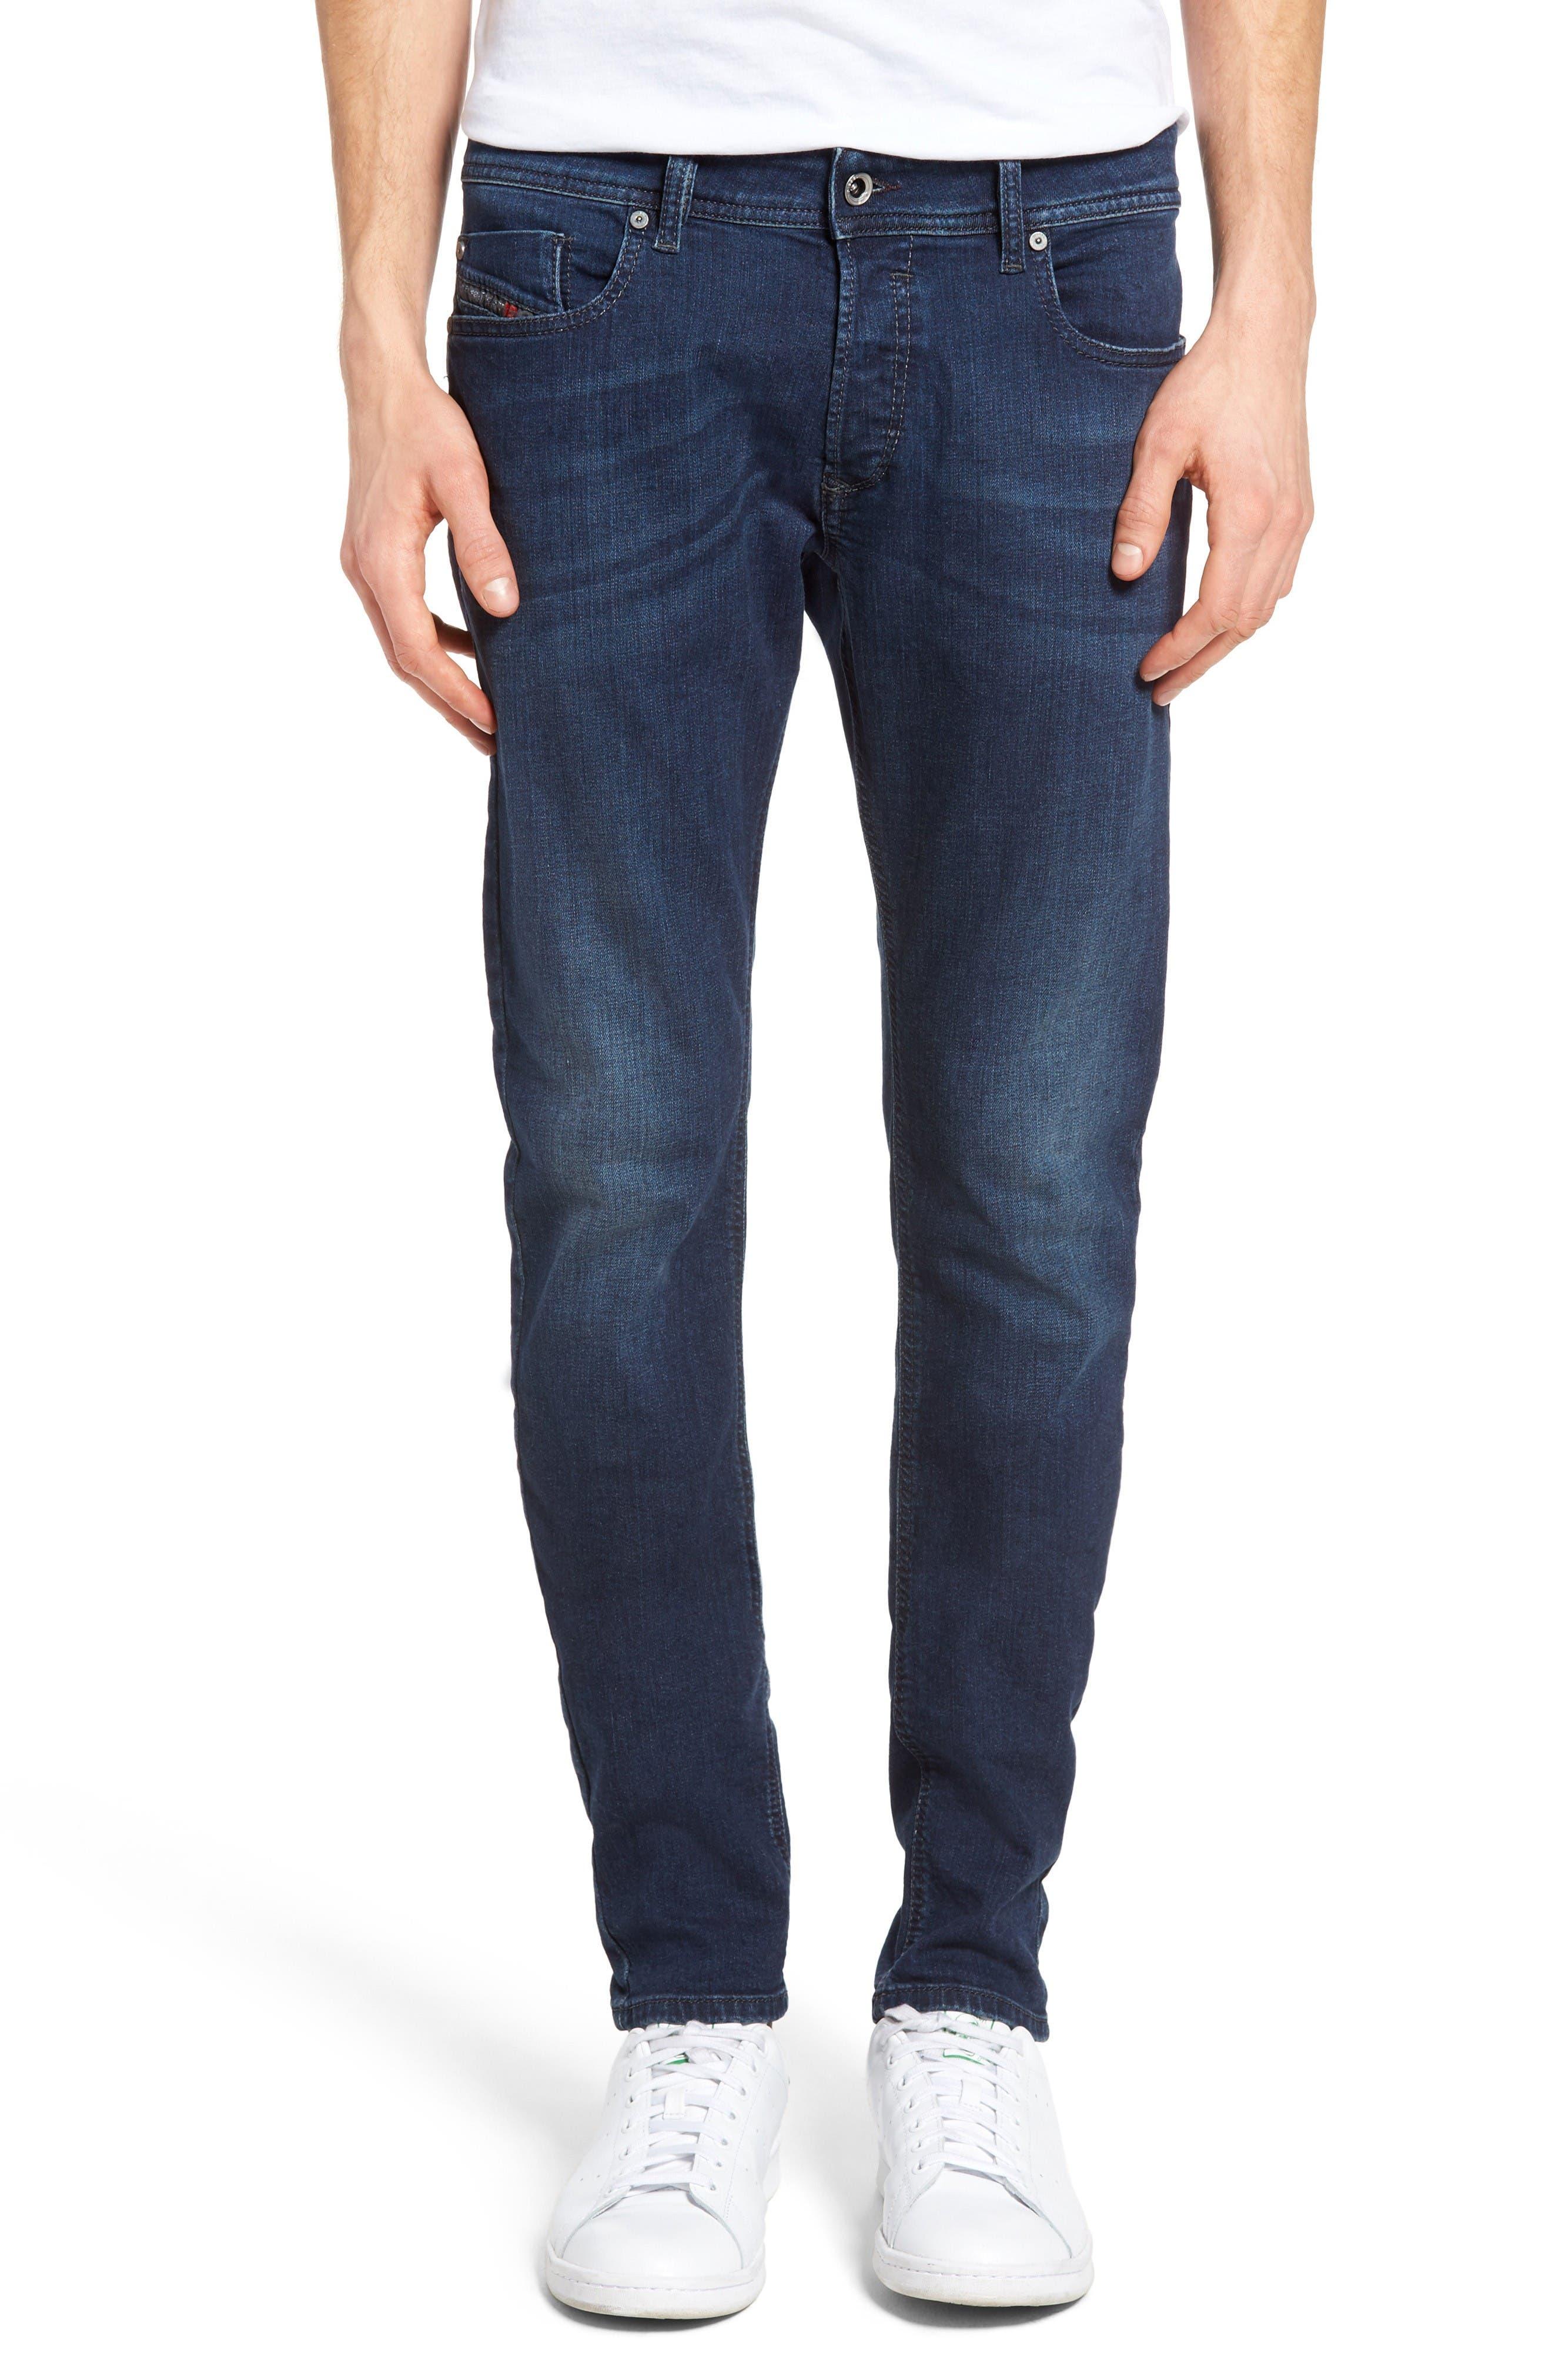 Sleenker Skinny Fit Jeans,                             Main thumbnail 1, color,                             0854E